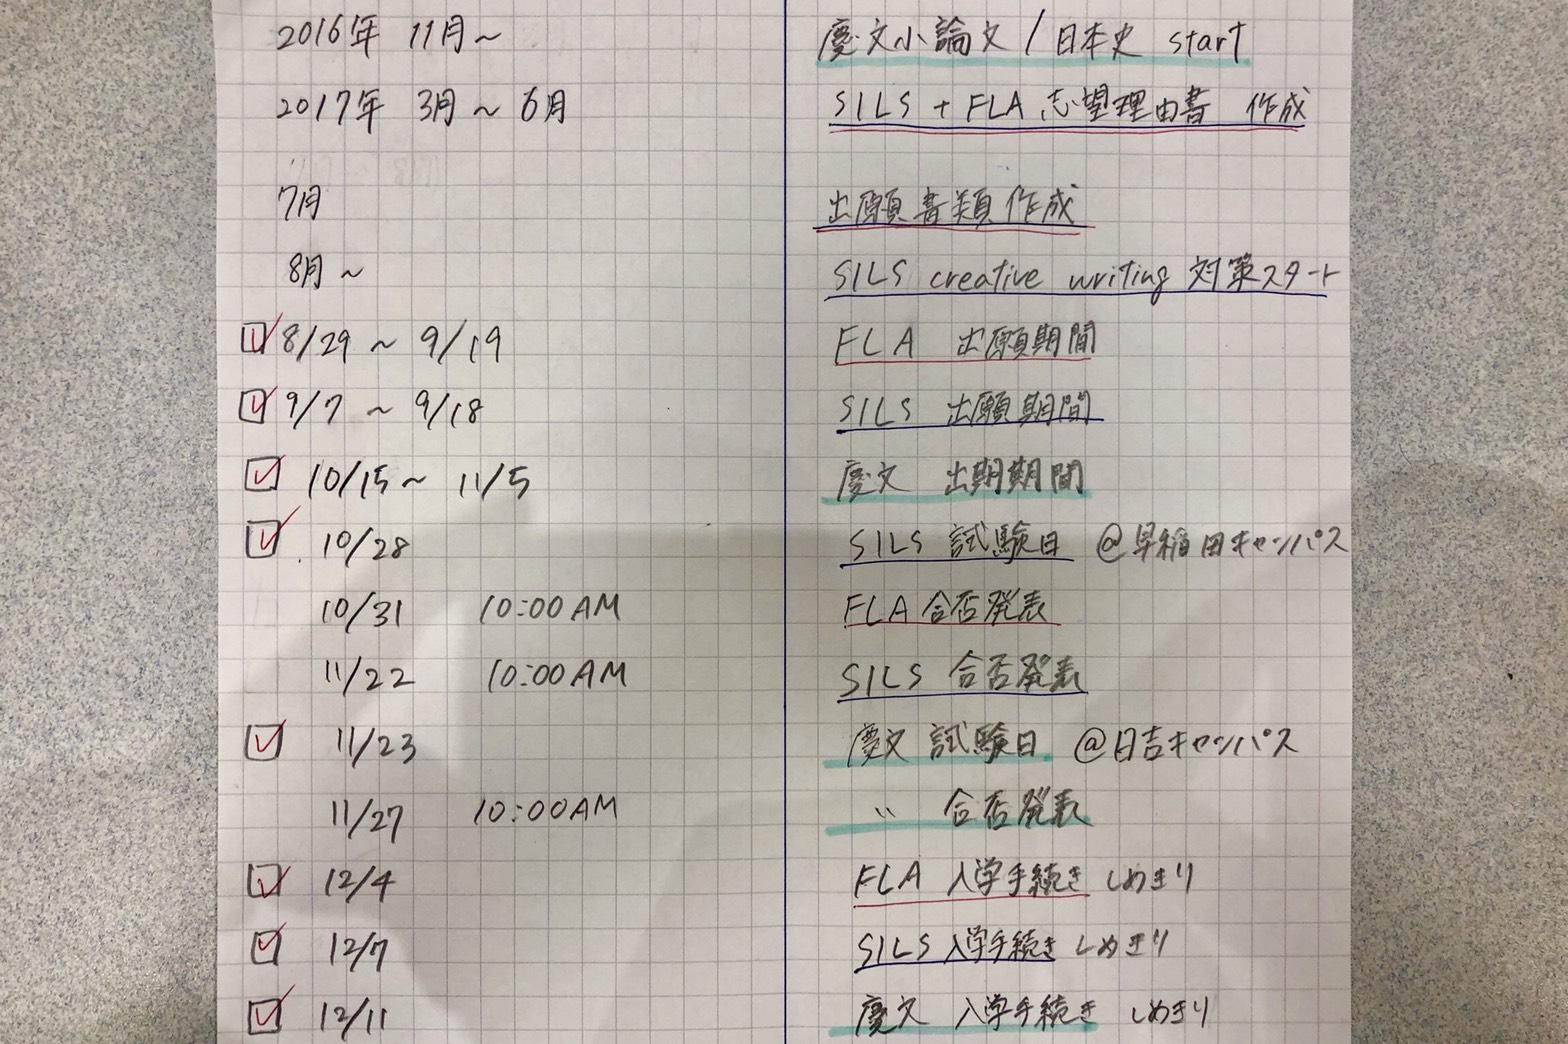 国際教養学部【上智FLA vs 早稲田SILS】ダブル受験体験記!②推薦入試 受験スケジュールの組み方